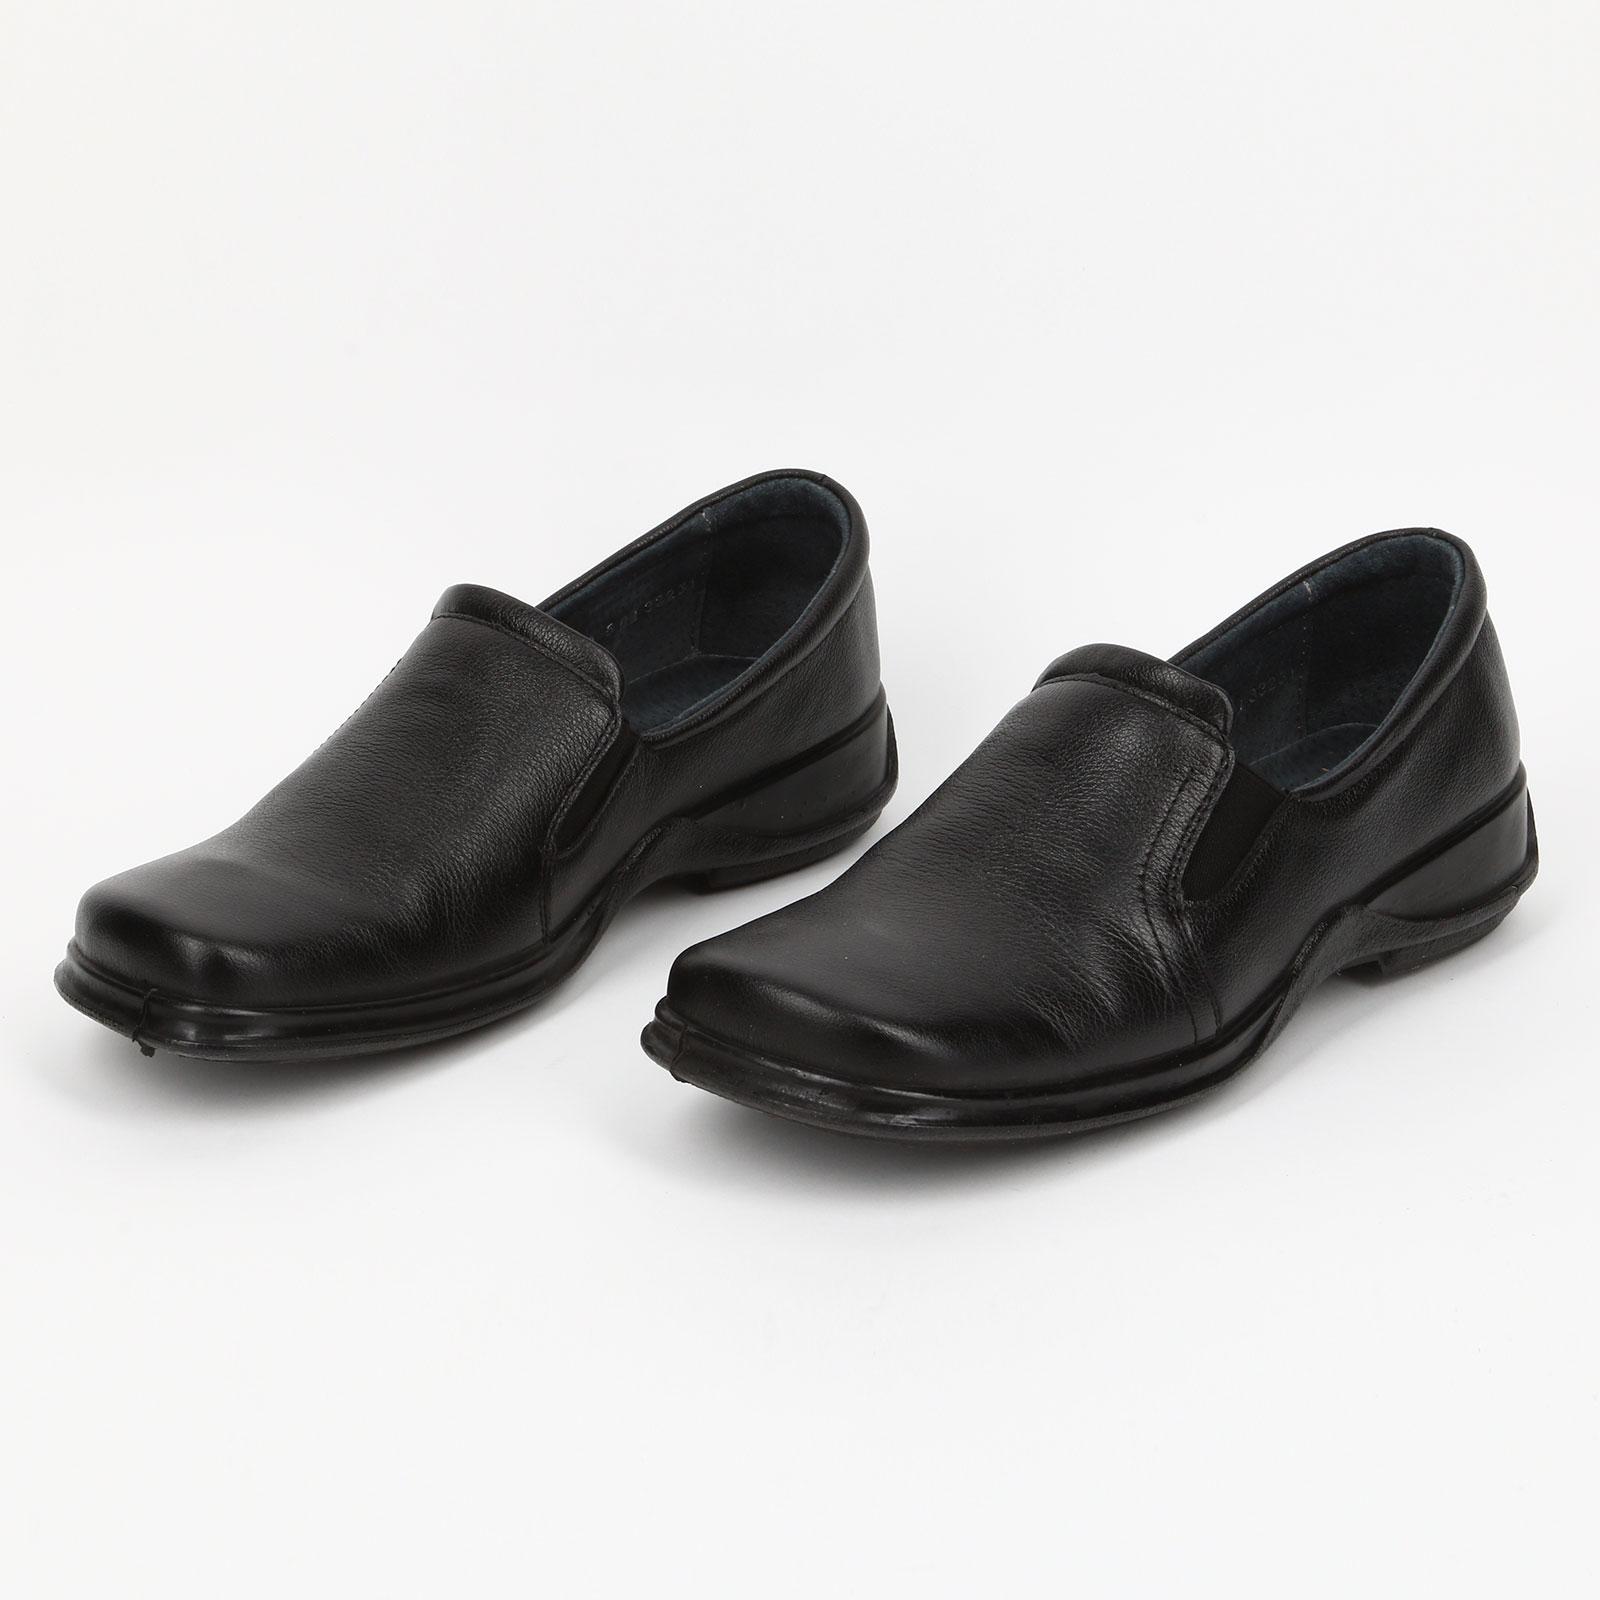 Ботинки женские на  утолщенной подошве